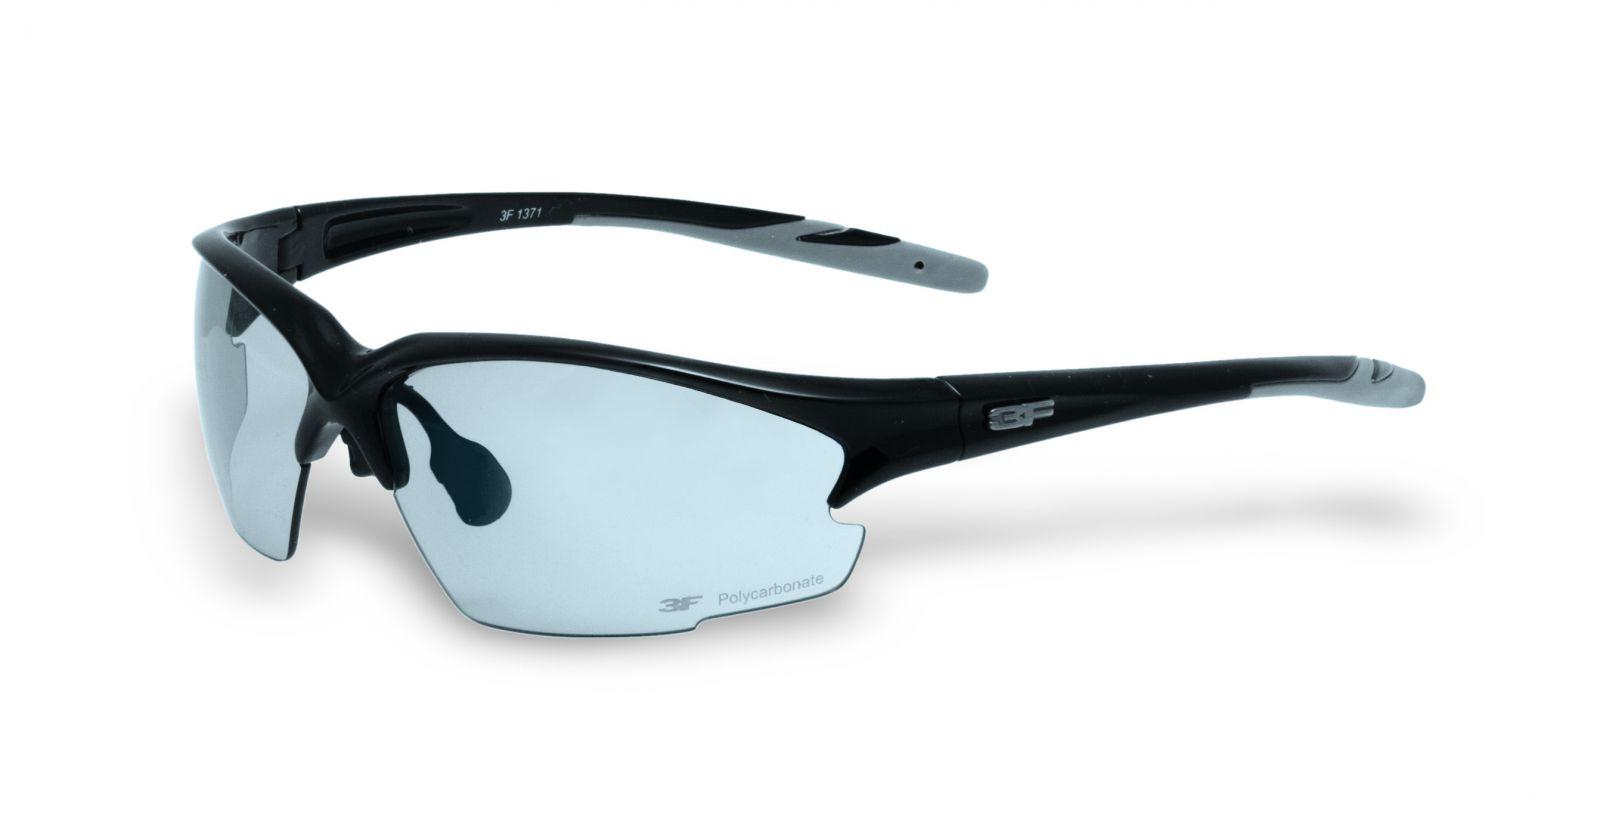 Cyklistické brýle 3F Arrow 1371